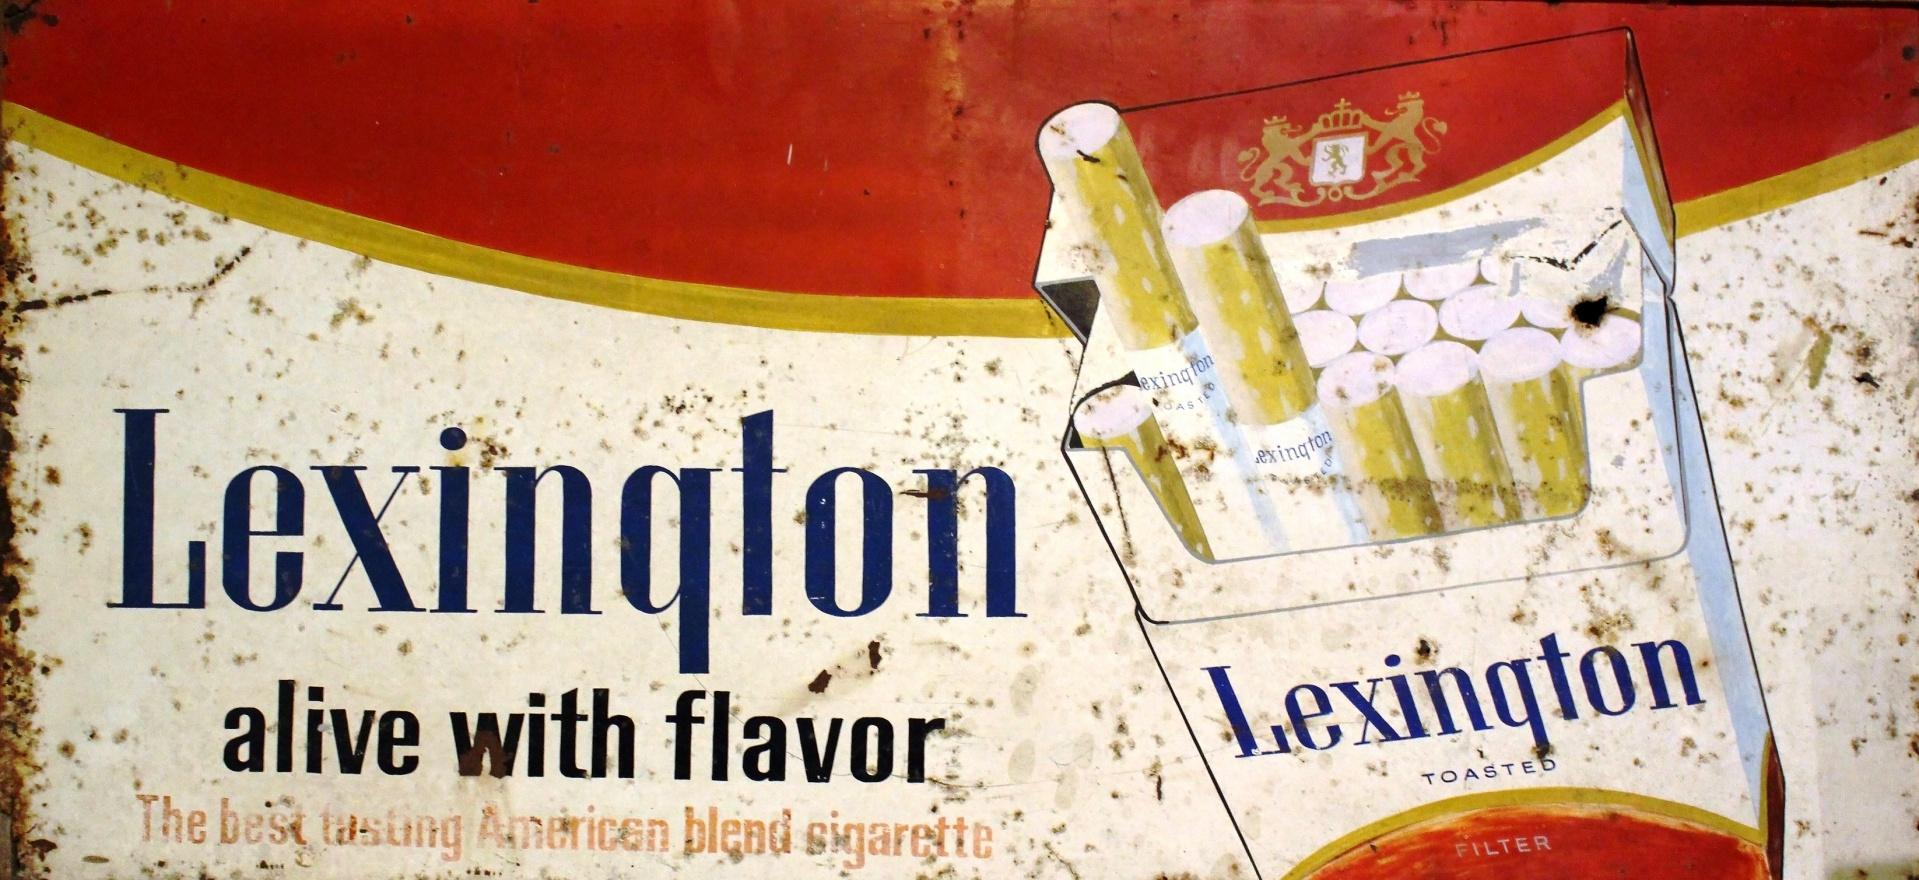 vintage-sign-for-a-cigarette-brand